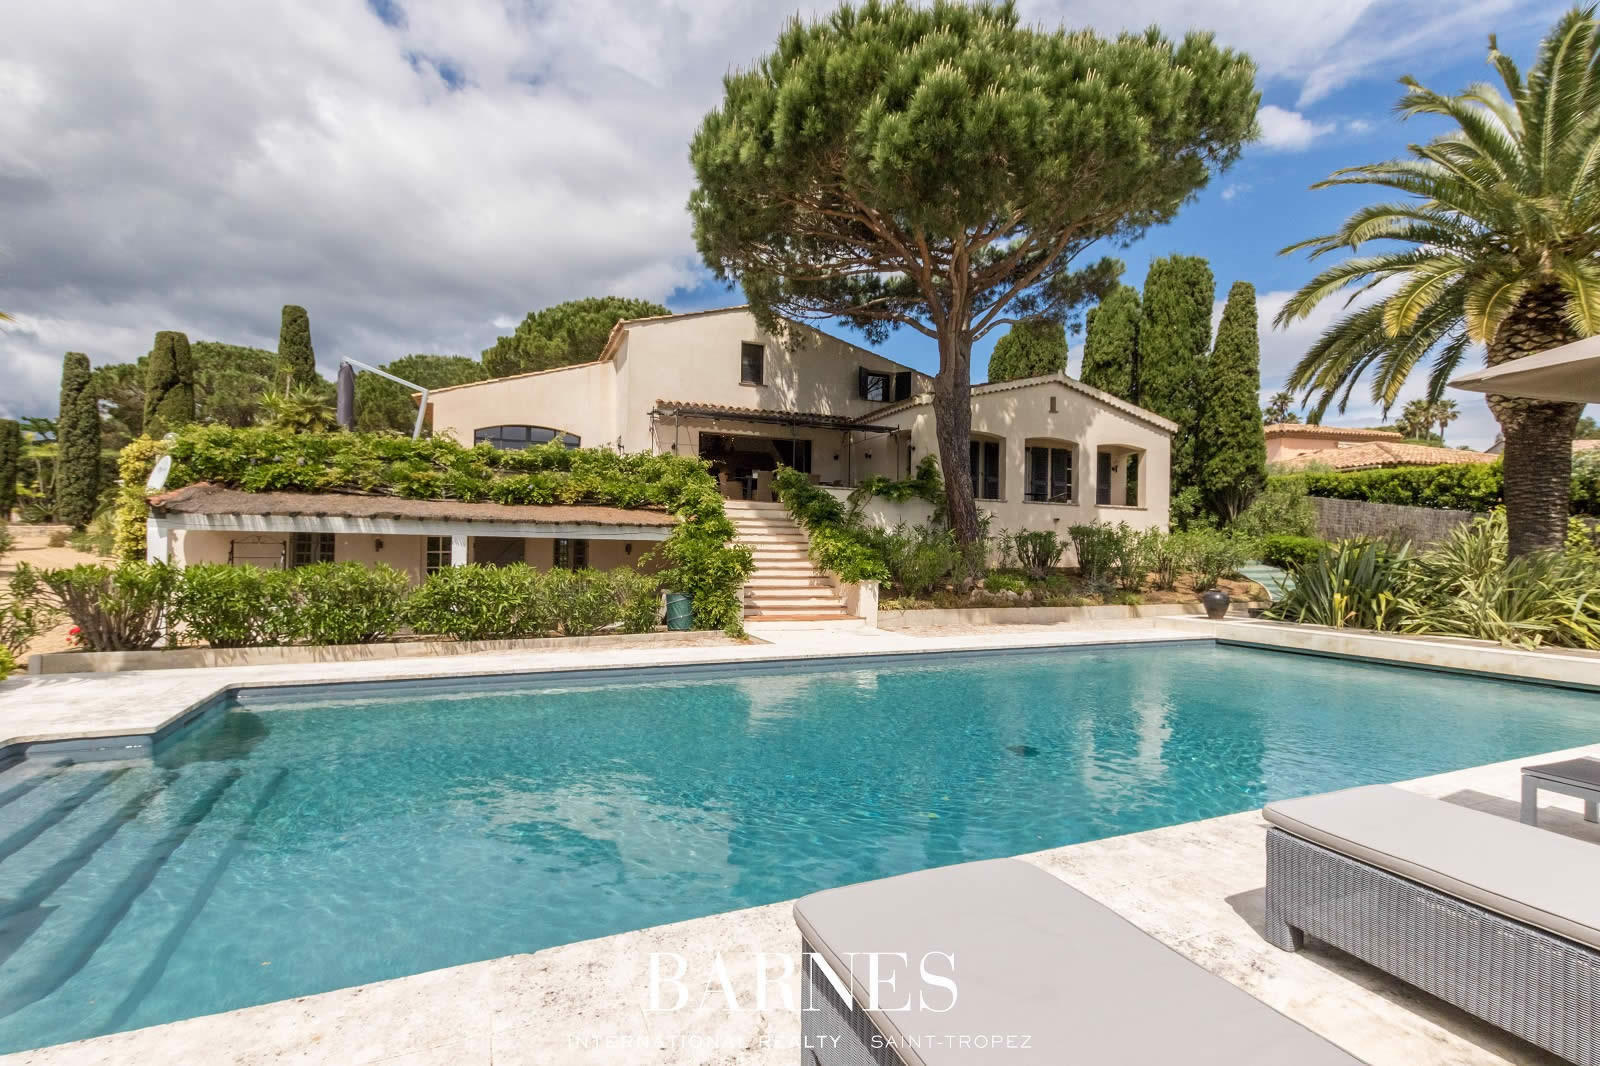 villa-a-louer-ramatuelle-terrasse-piscine-vue-mer